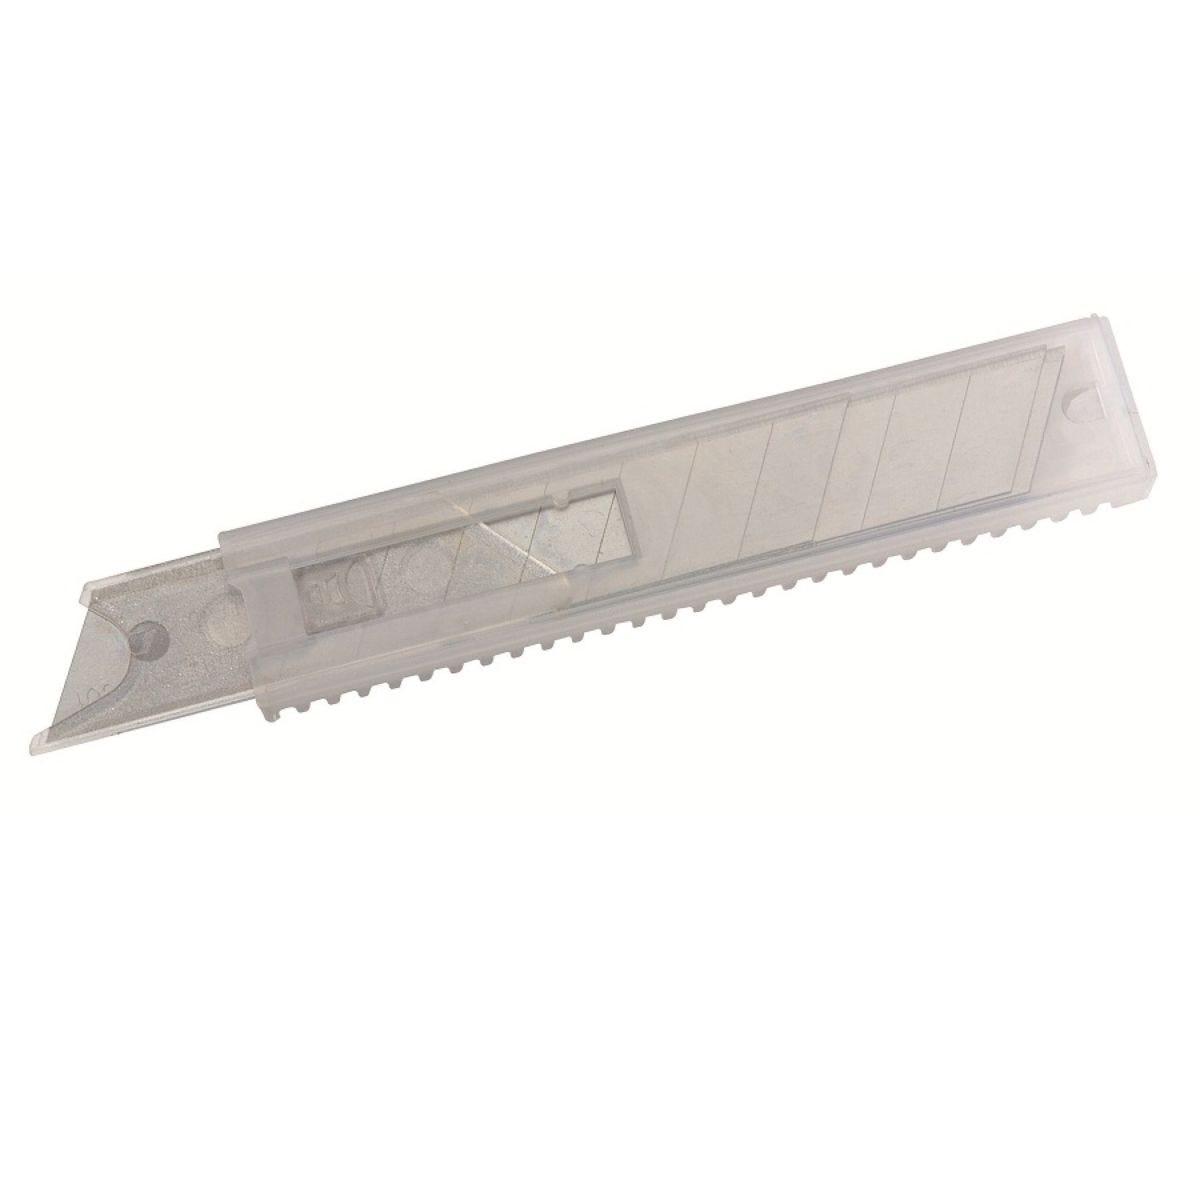 Stanley 18mm Snap-off Knife Blades - Dispenser of 5